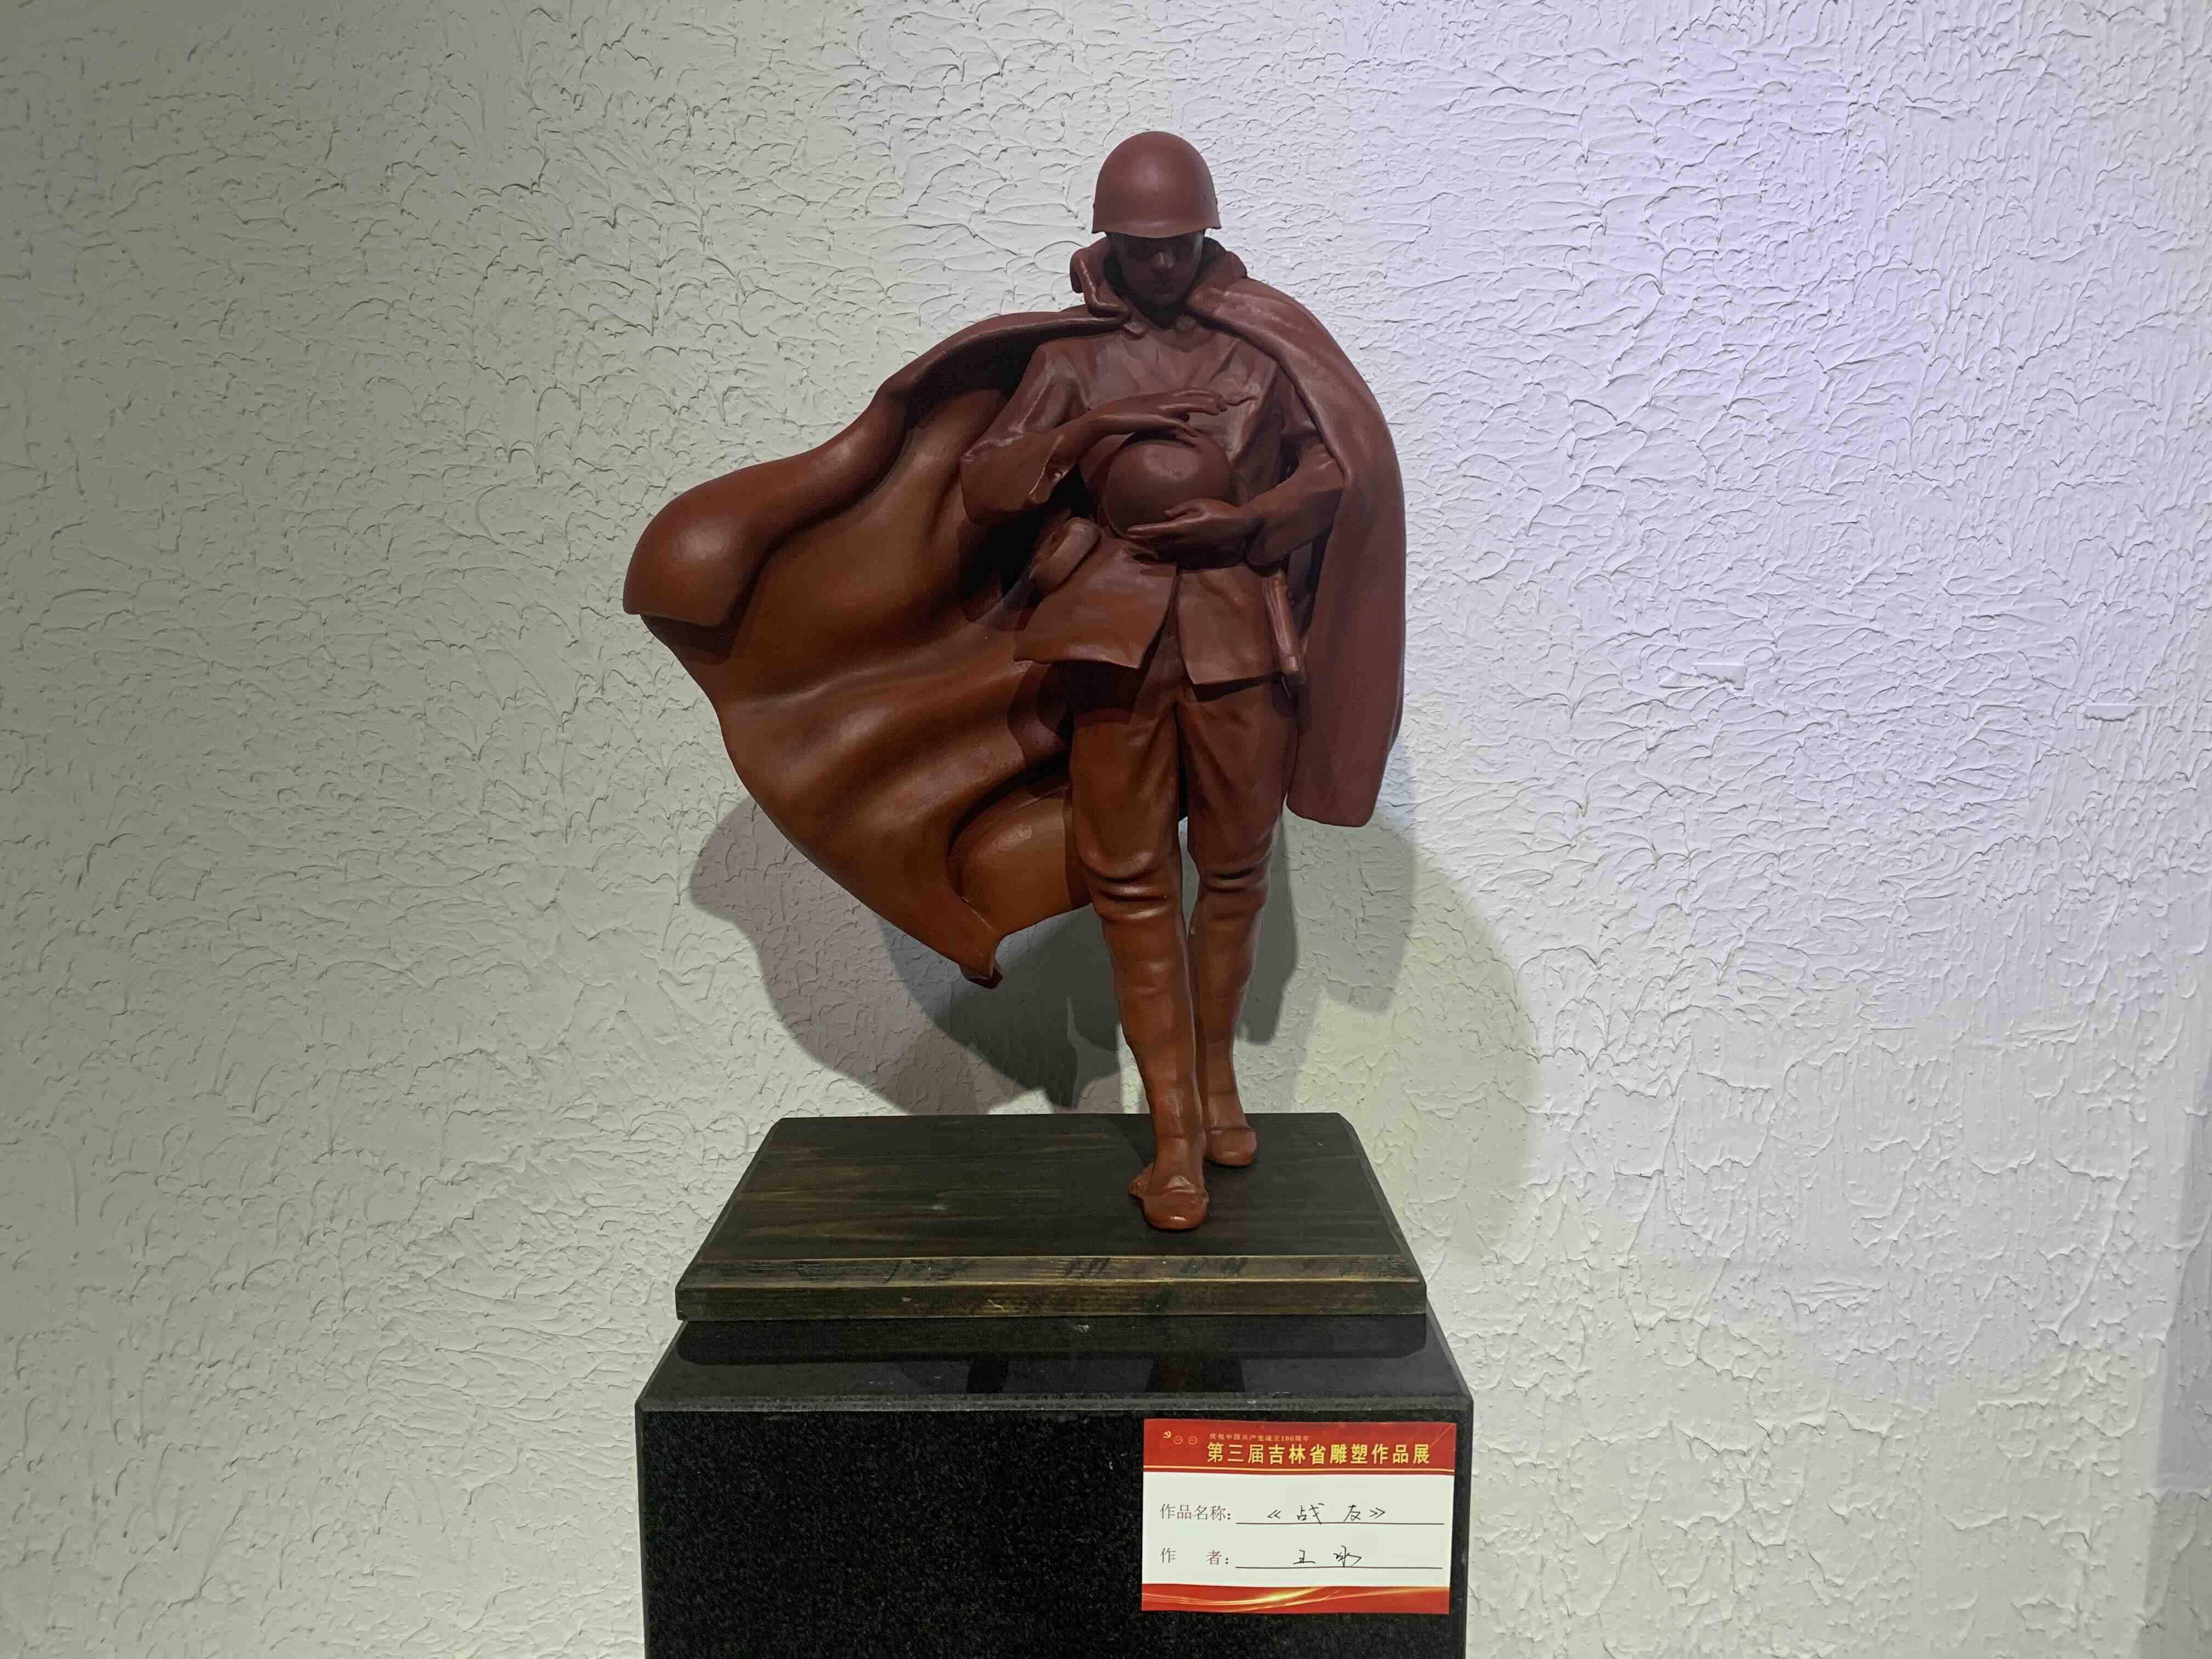 观展丨第三届吉林省雕塑作品展开幕